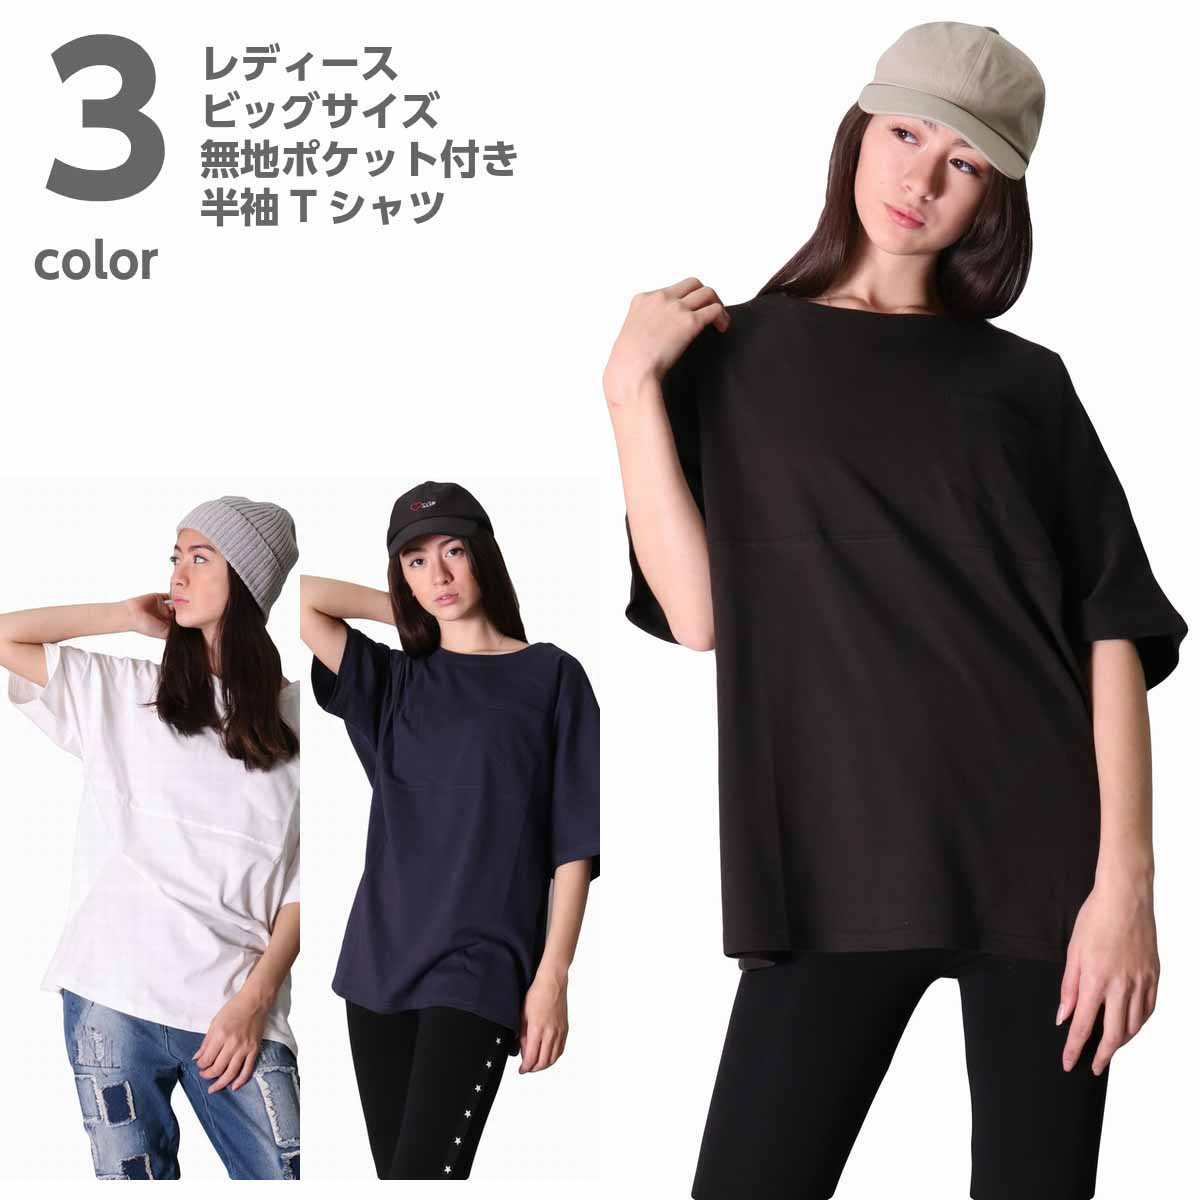 Tシャツ レディス 半袖 ビッグサイズ 無地 プレーン ポケット付き 黒 オーバーサイズ 値下げ 白 ポケT ゆったりサイズ 紺 シンプル 店内限界値引き中&セルフラッピング無料